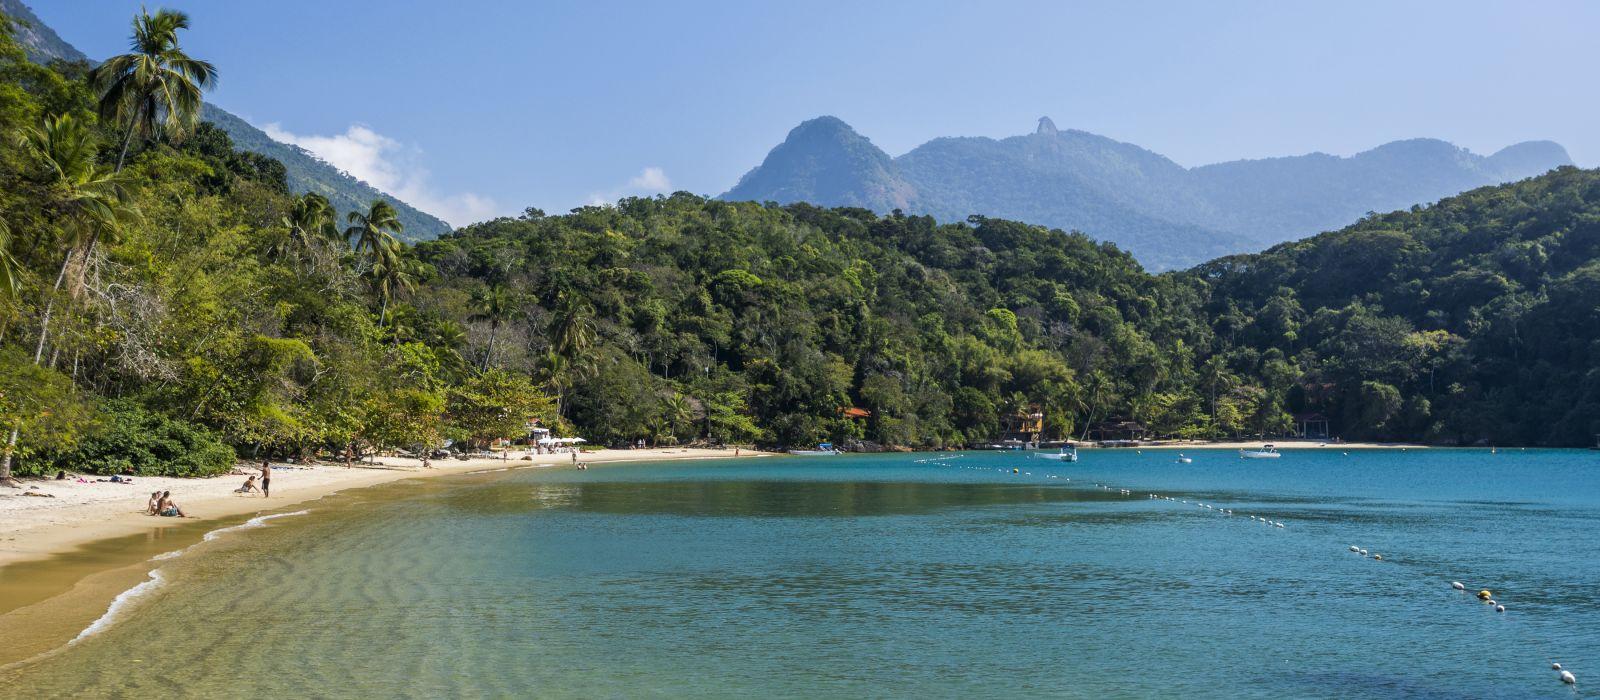 Praia de Abraaozinho (Abraaozinho Beach) in tropical Ilha Grande (Grande Island) in south Rio de Janeiro, Brazil, South America